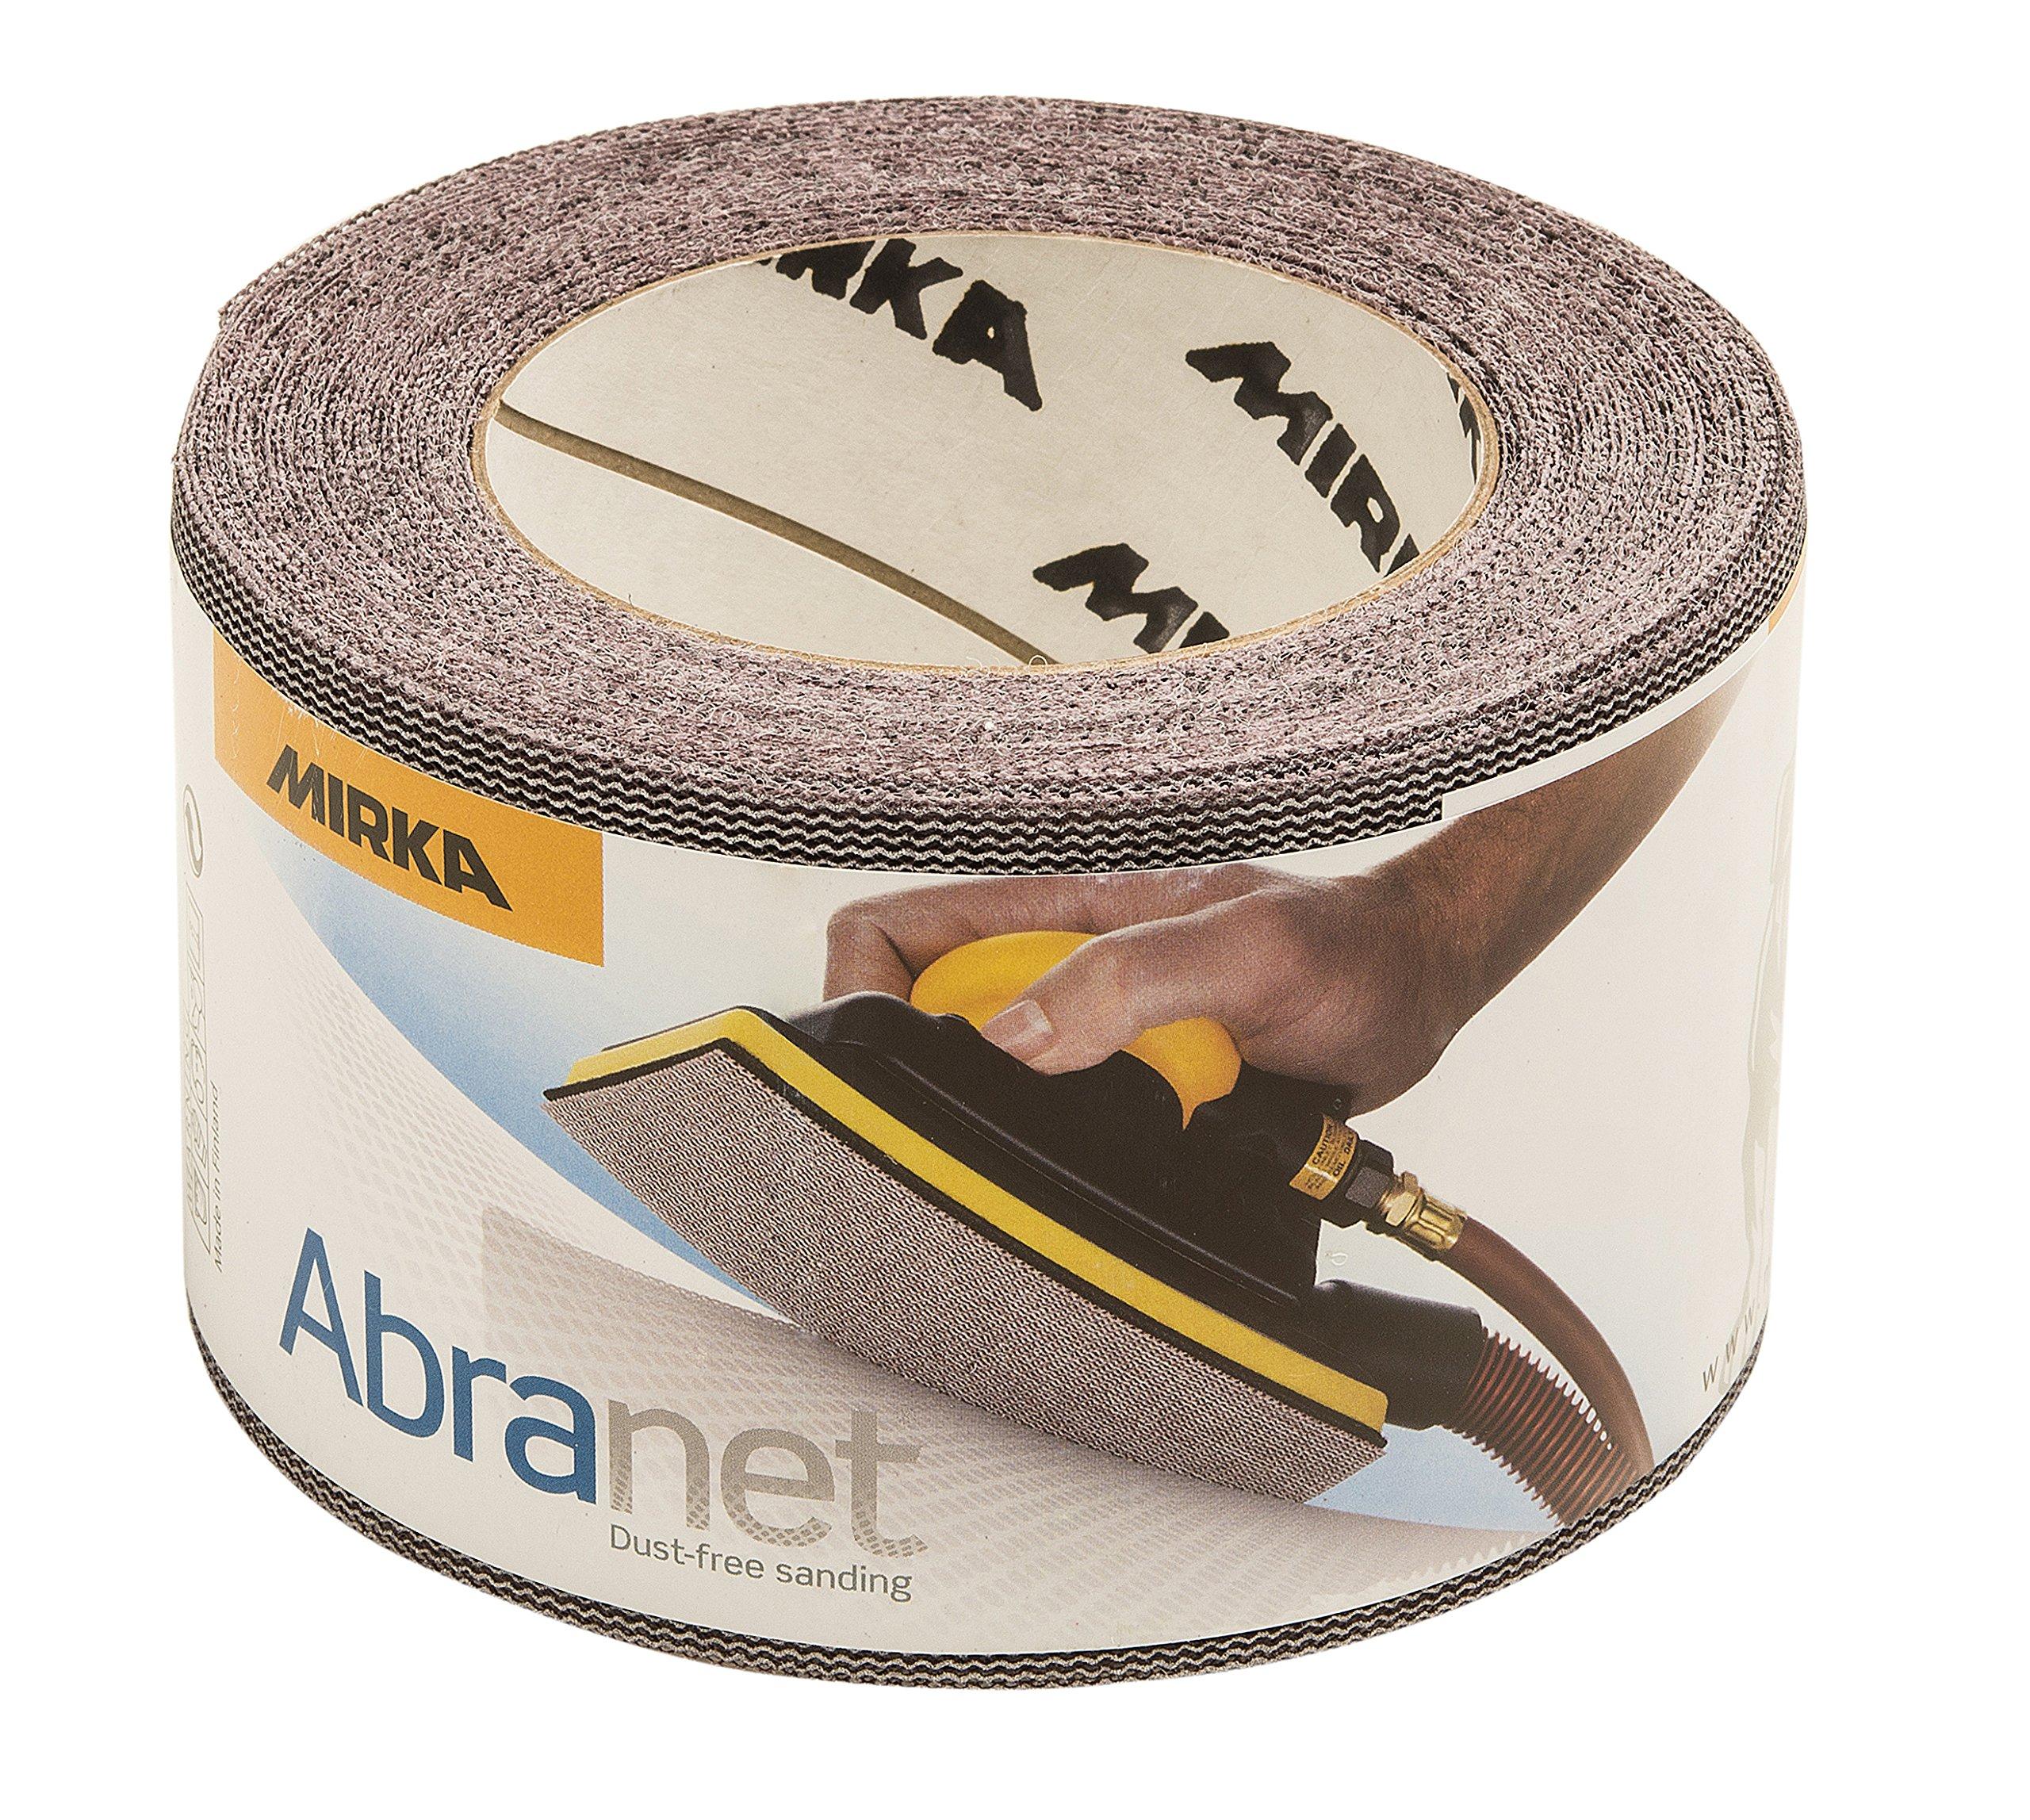 Mirka 9A-570-080 Abranet 2-3/4'' x 10yd Mesh Grip Roll by Mirka